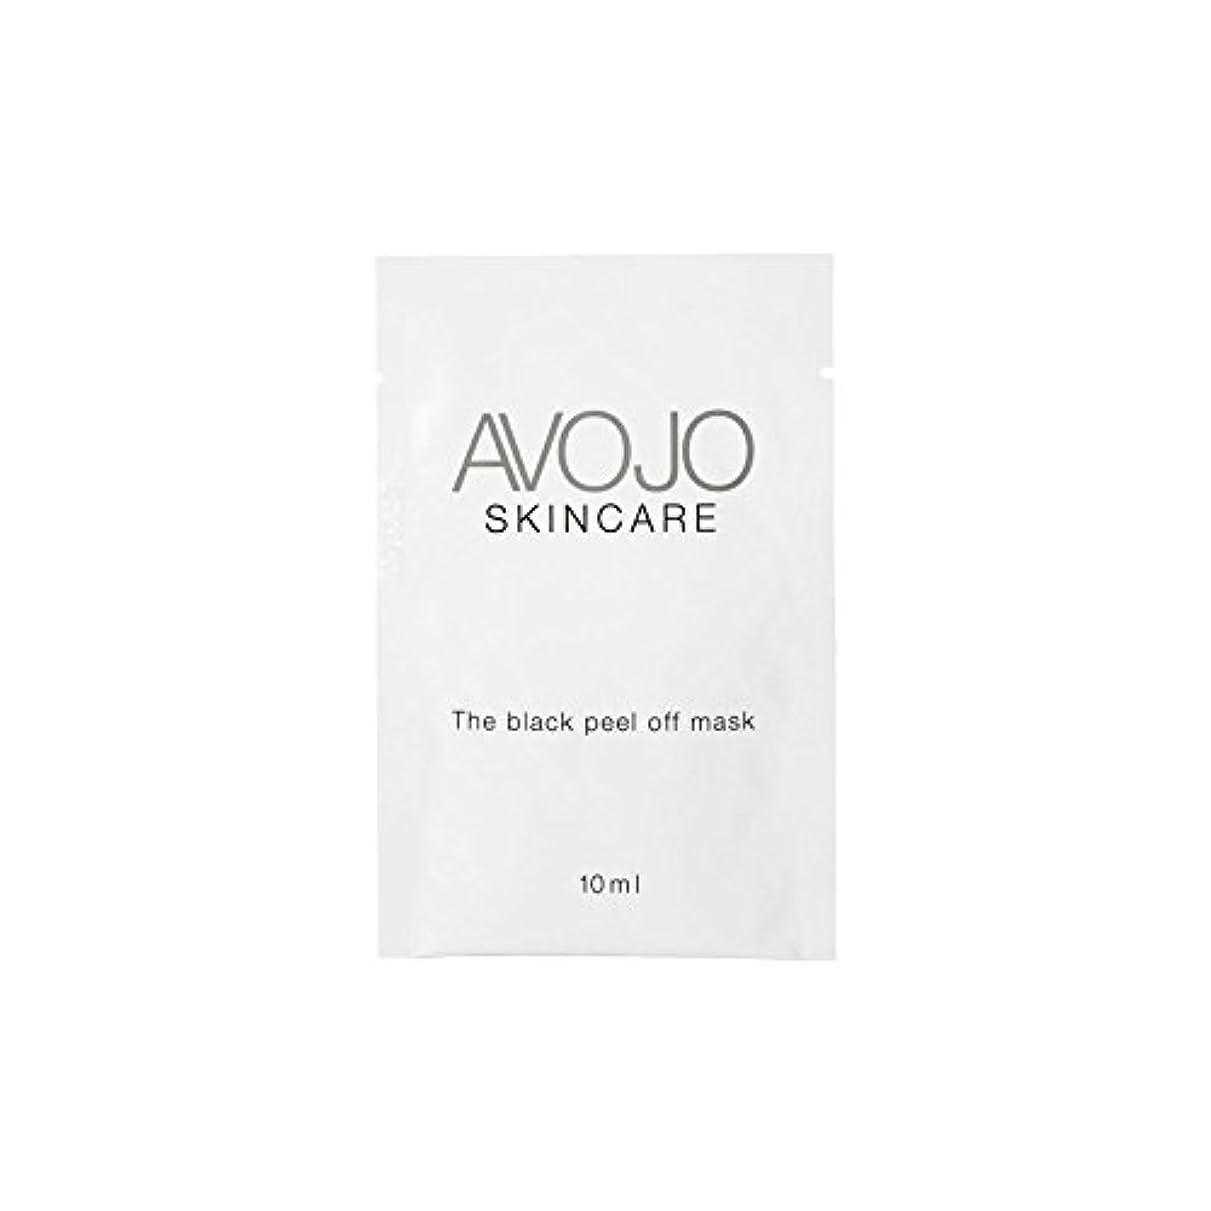 実業家クライマックス人物Avojo - The Black Peel Off Mask - Sachet (10ml X 4) - - ブラックピールオフマスク - 小袋(10ミリリットル×4) [並行輸入品]